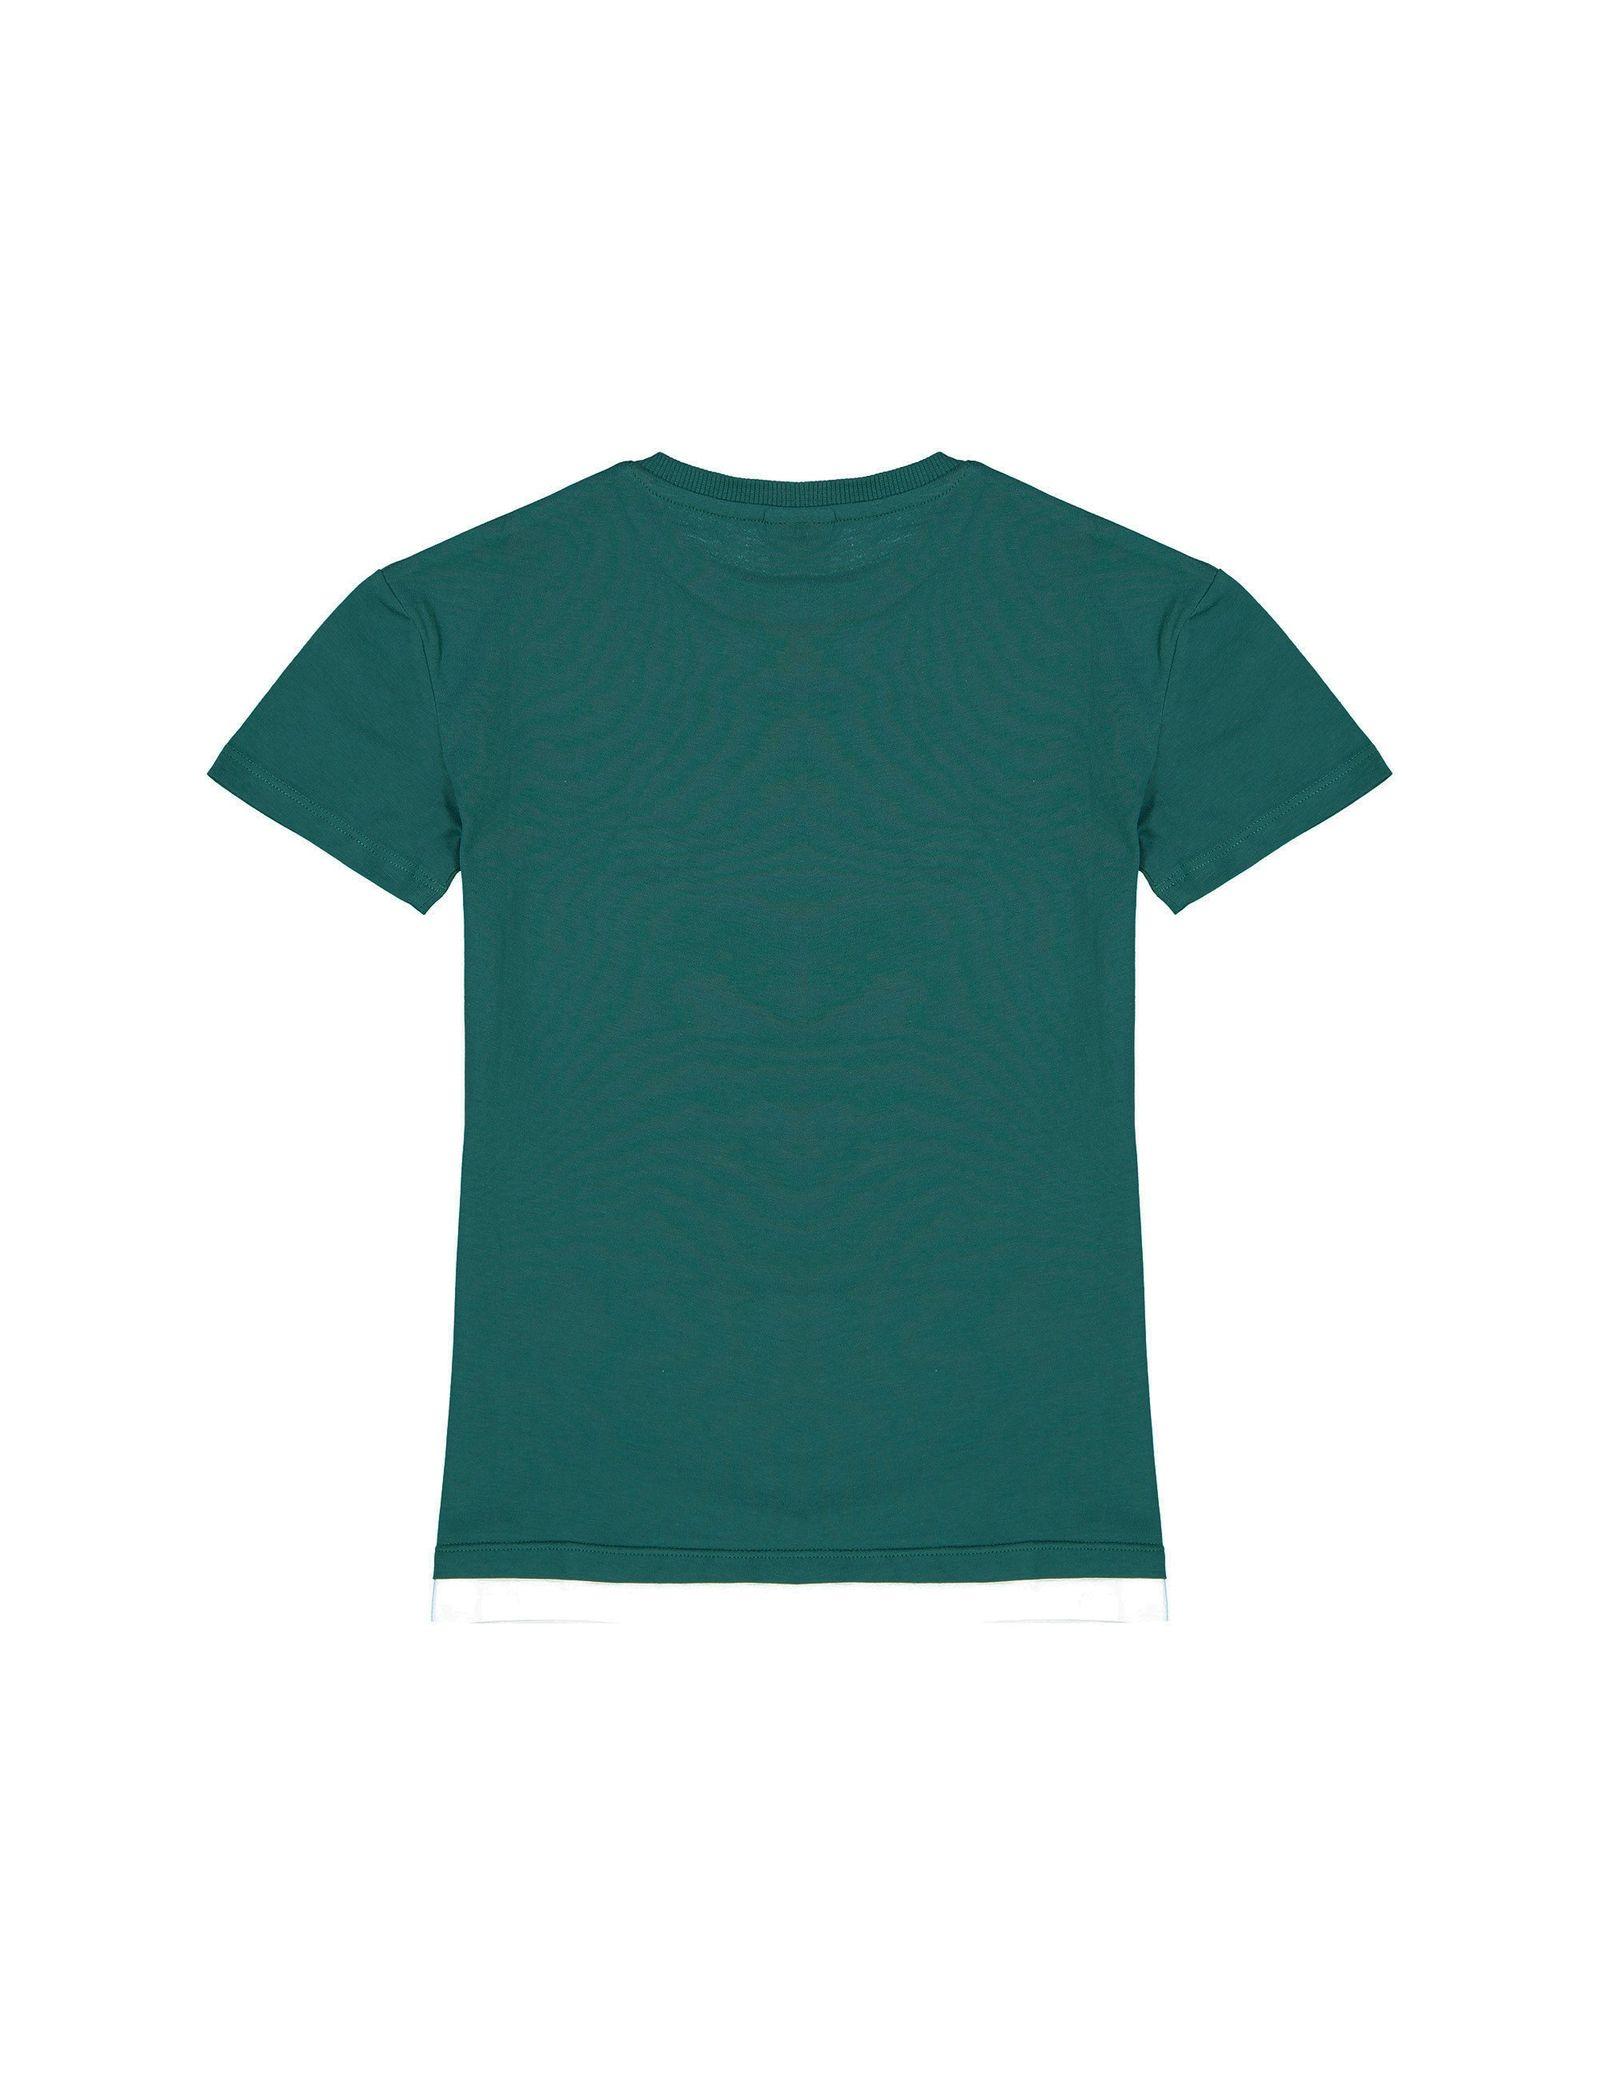 تی شرت نخی یقه گرد پسرانه - ال سی وایکیکی - سبز - 2